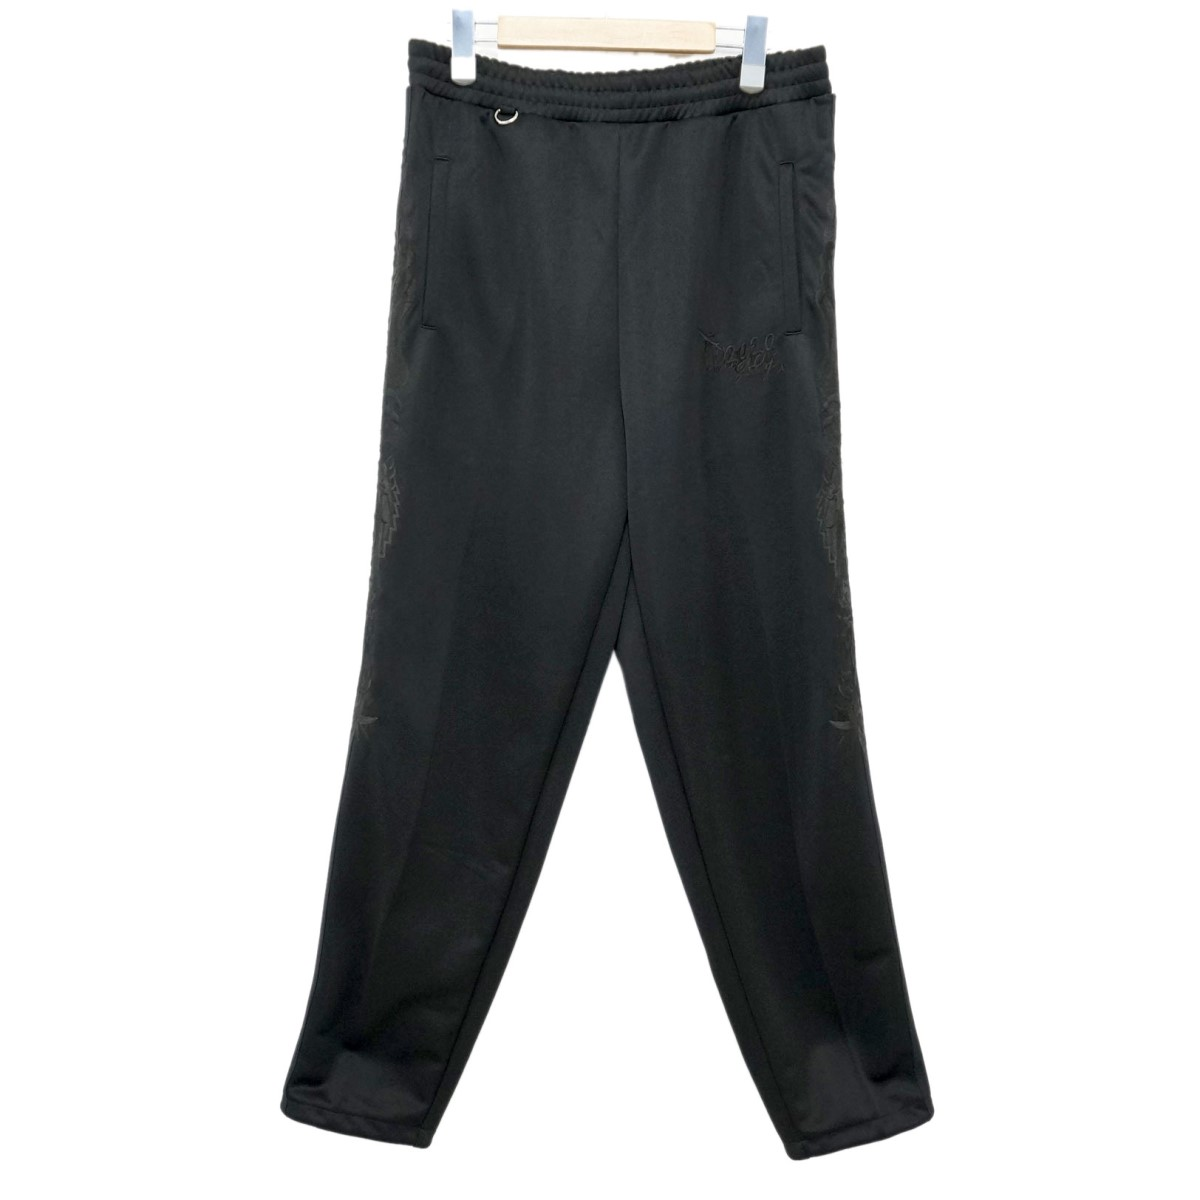 【中古】DOUBLET 20SS CHAOS EMBROIDERY TRACK PANTS  刺繍トラックパンツ ブラック サイズ:S 【100220】(ダブレット)